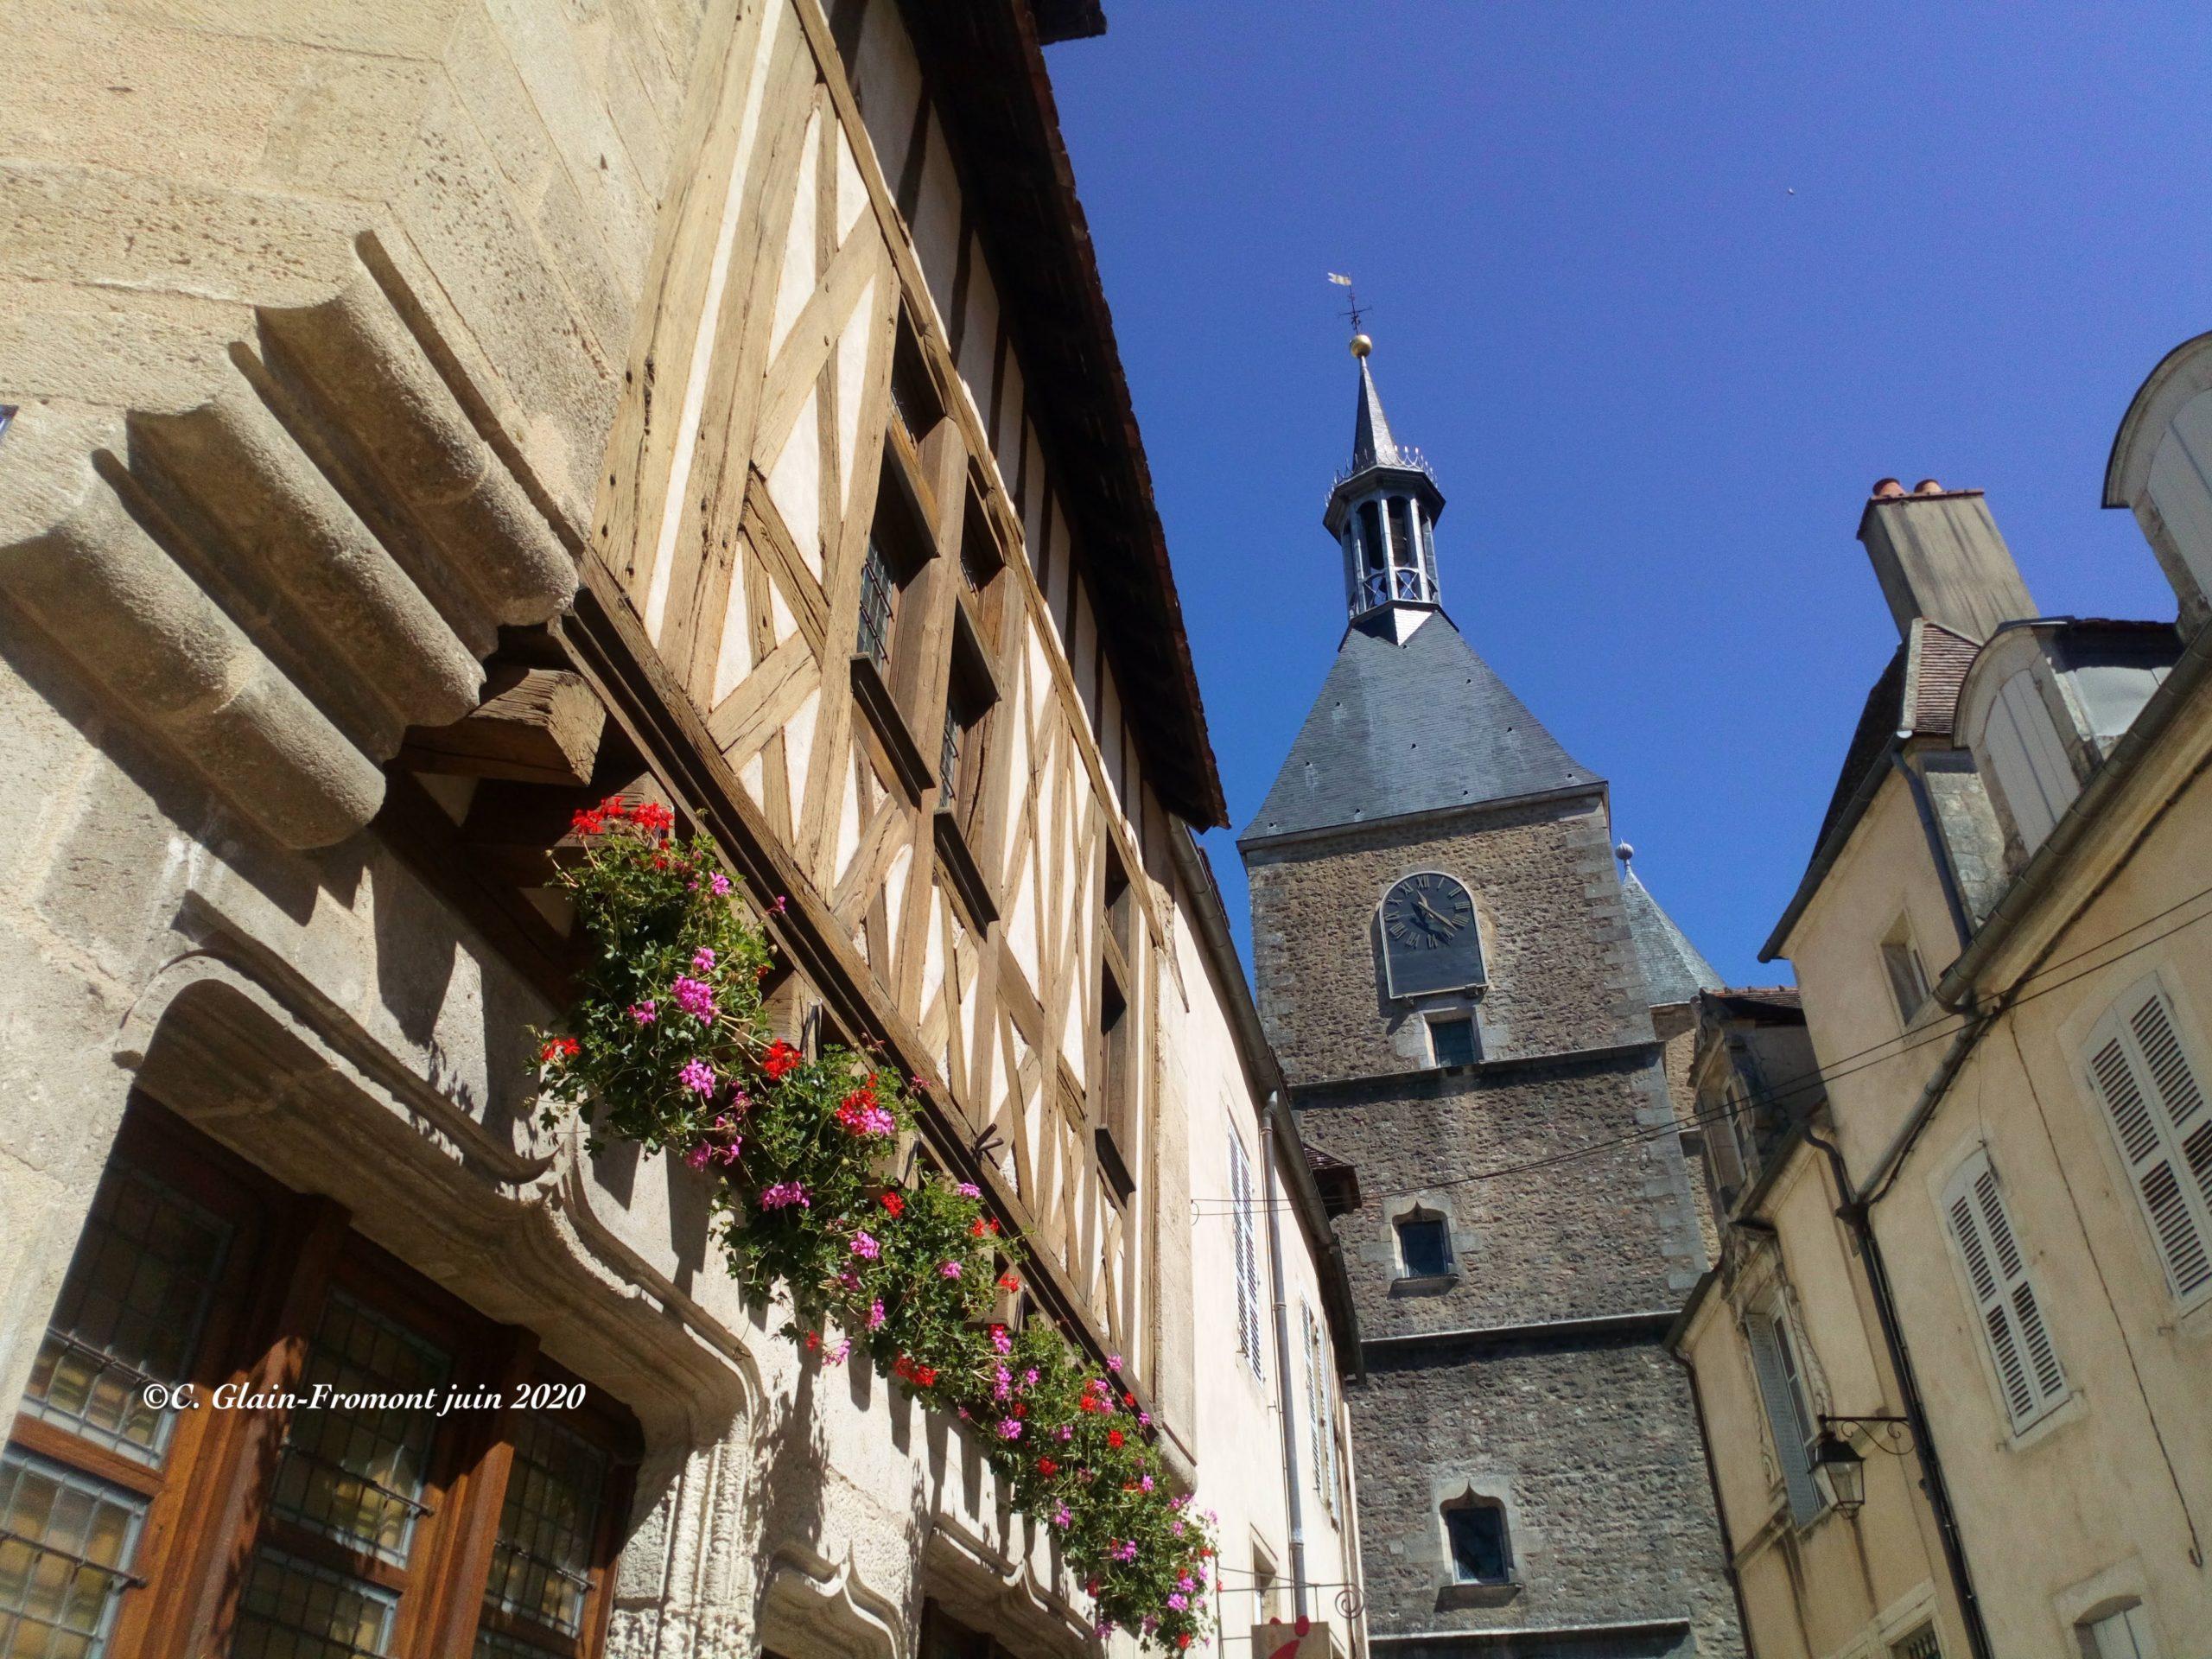 Visite découverte d'Avallon cité méconnue aux portes du Morvan sur la route des pèlerins Avallon